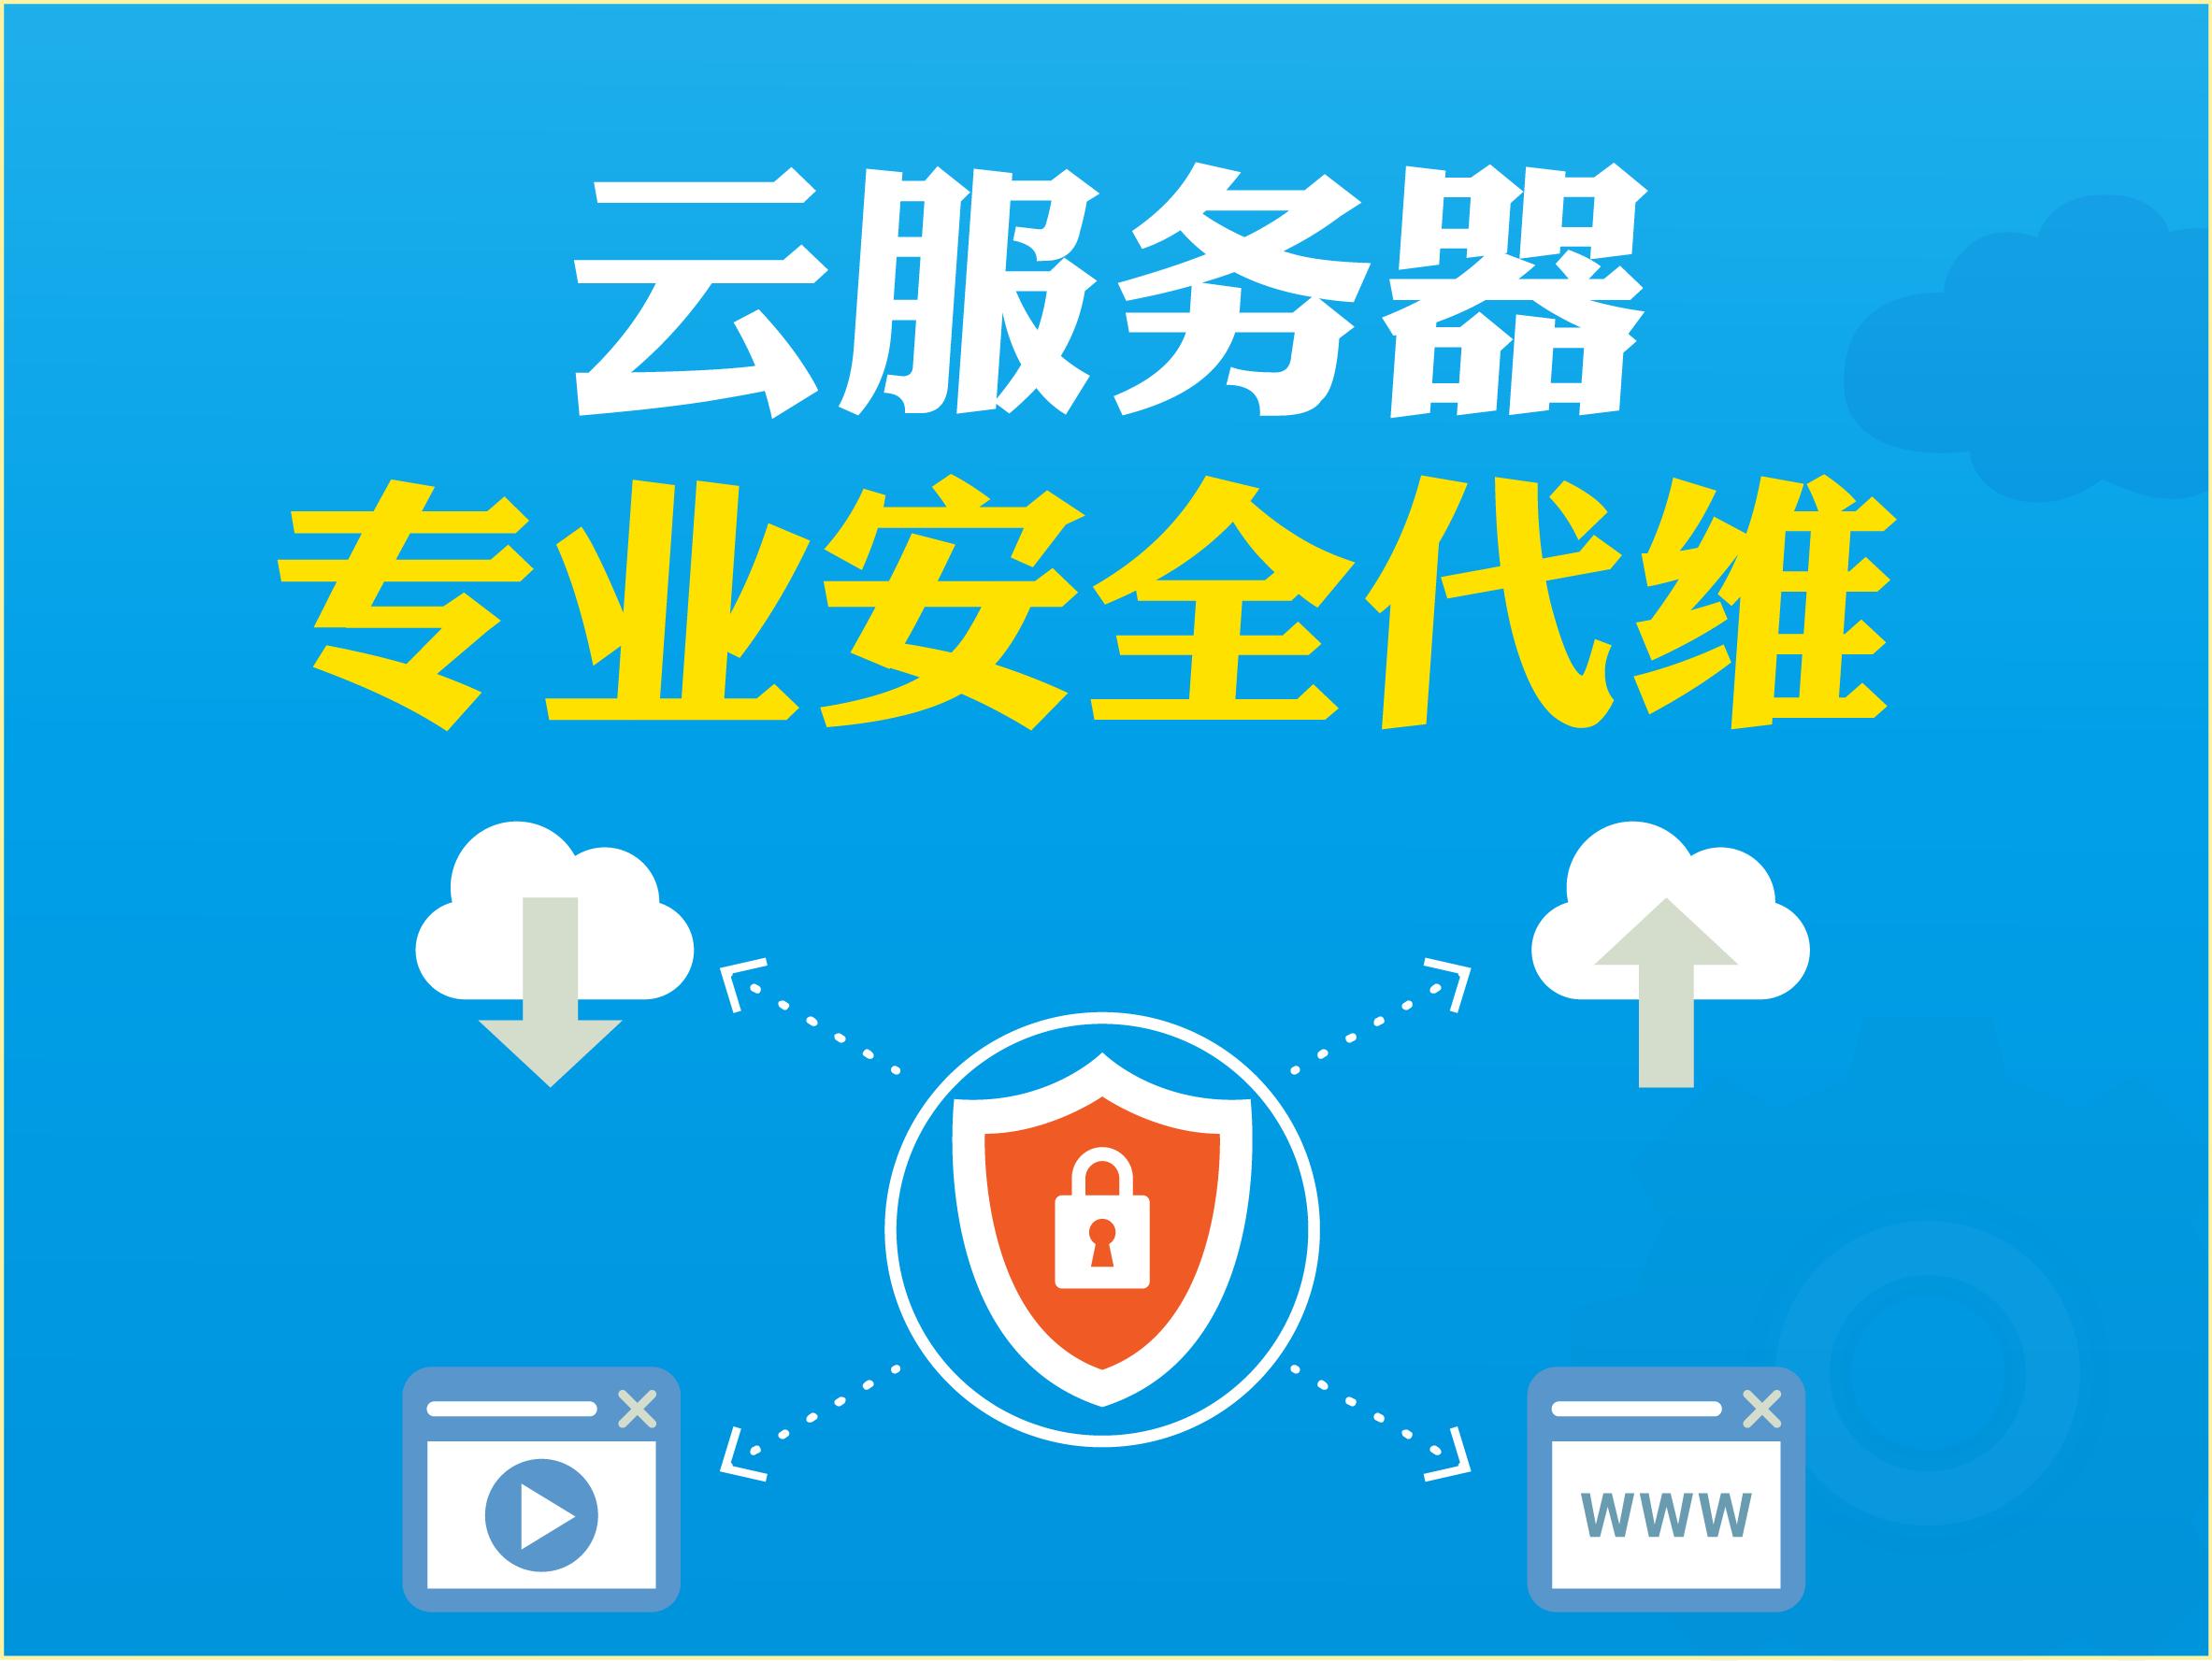 服务器代维 包年运维 运维外包 服务器外包 服务区代维 服务器运维 数据库维护 数据库代维